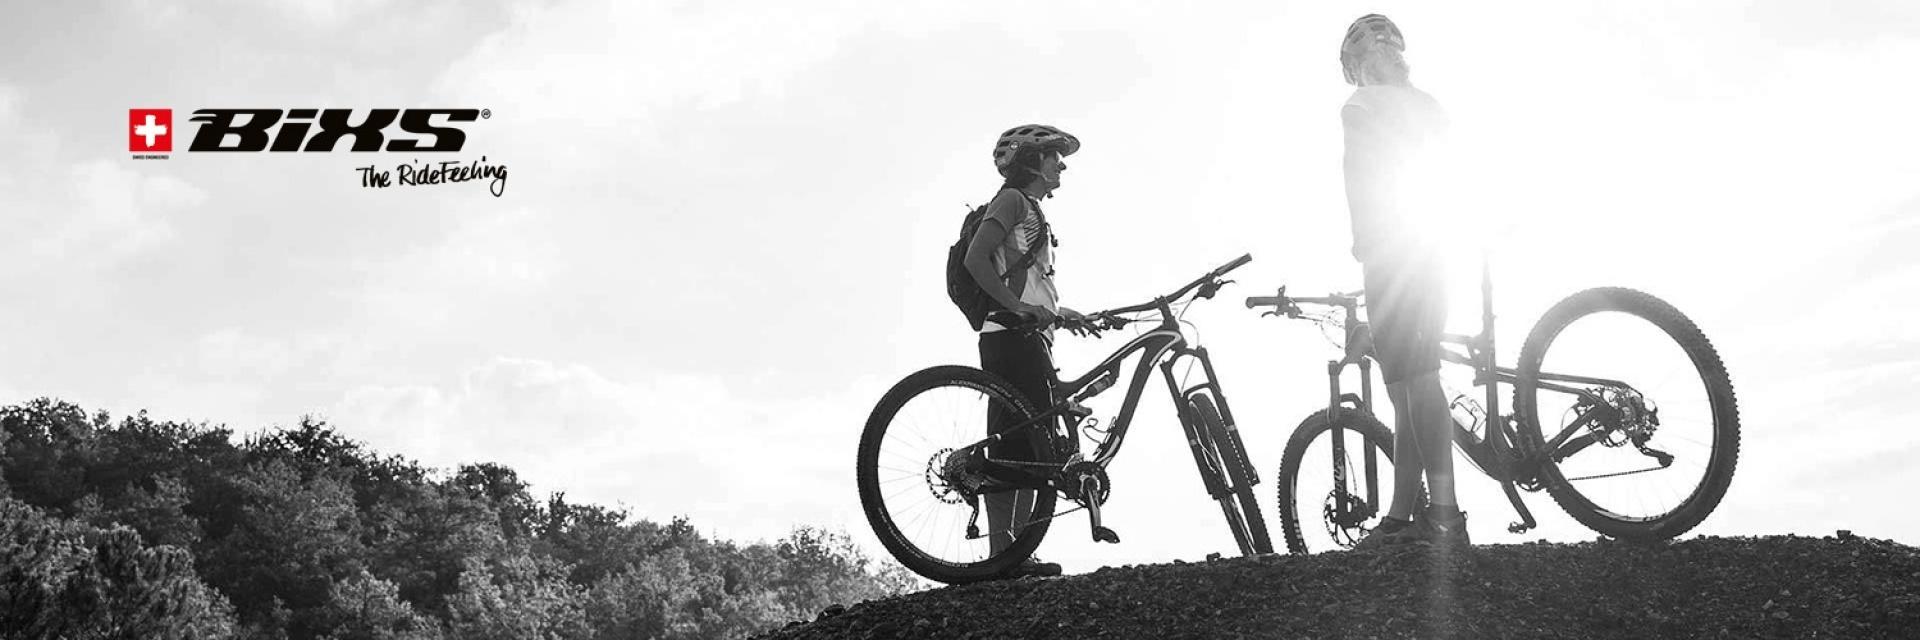 CH Bike&Co - Imagebild Bixs